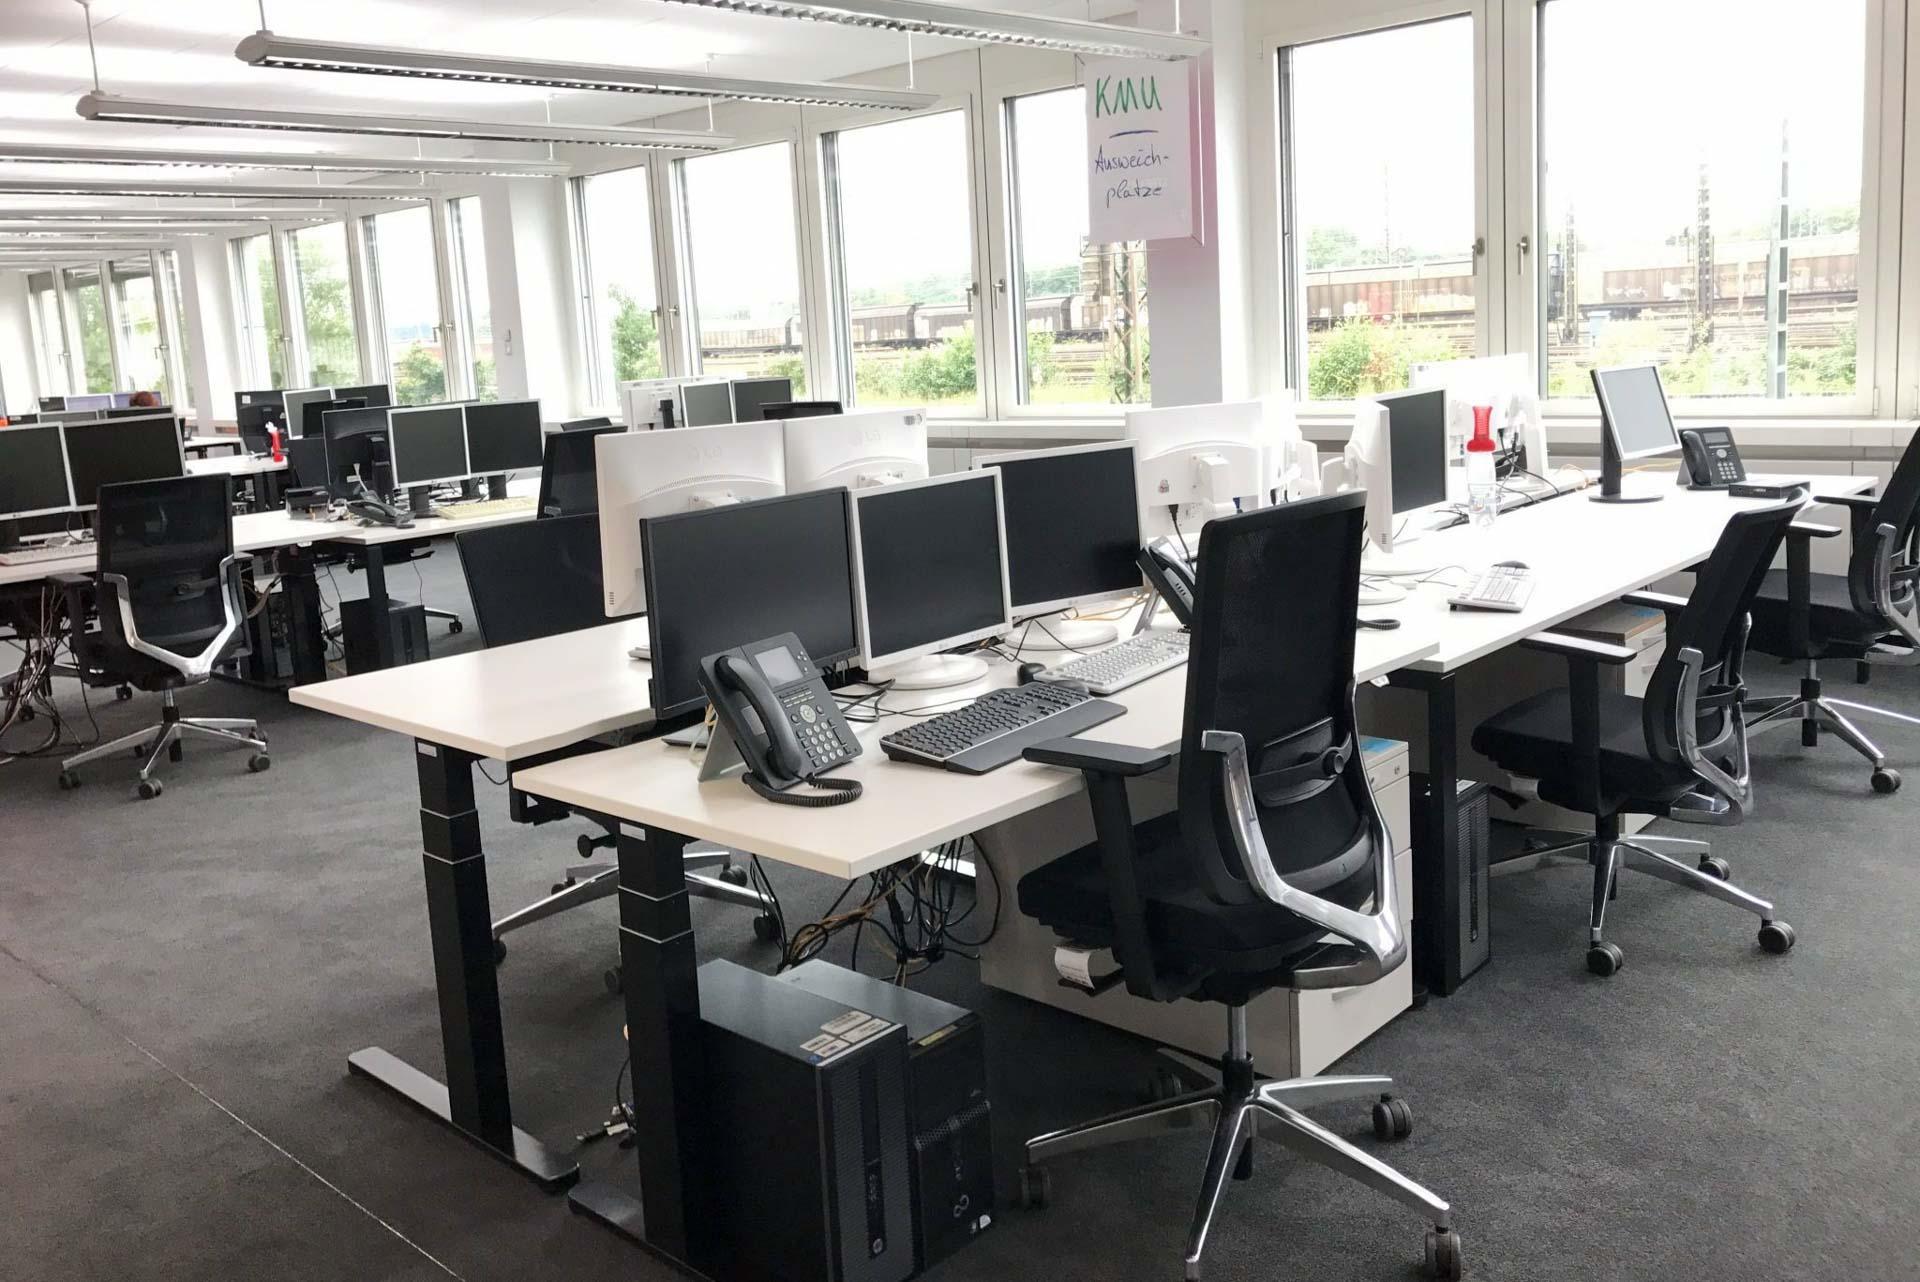 Vollmöblierte und fertig eingerichtete Coworking Arbeitsplätze im Quartier231 mit eigenenm Telefonanschluss und PC pro Arbeitsplatz.